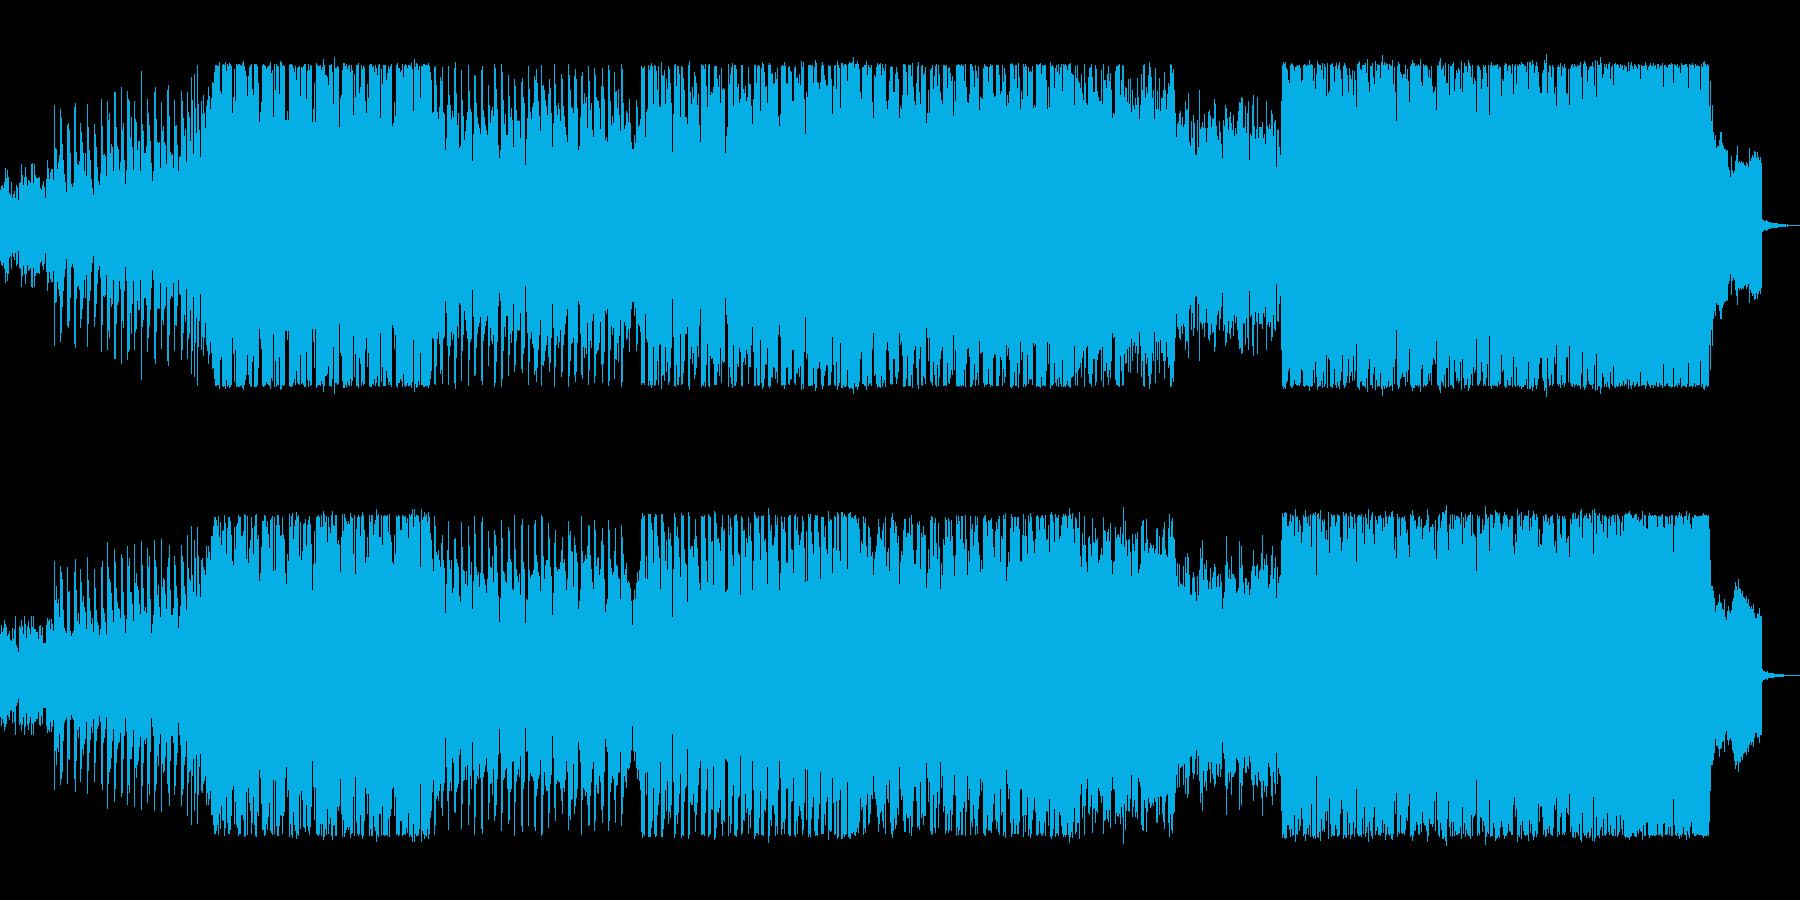 疾走感溢れるテクノサウンドの再生済みの波形